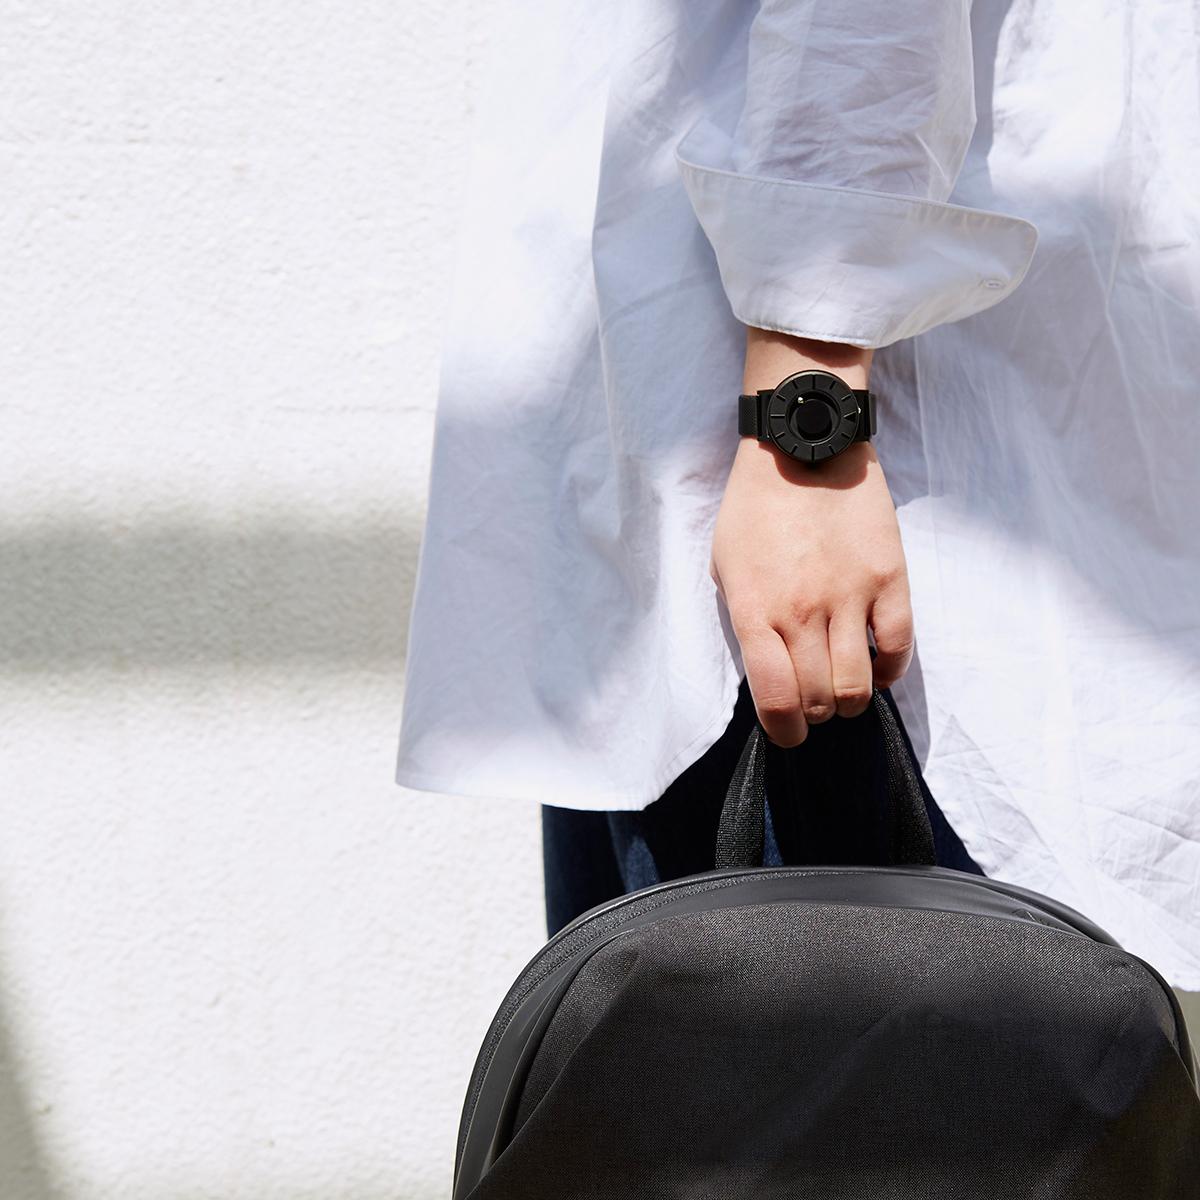 触る時計『EONE』 2020年新作《SMALL》ひとまわり小さな文字盤で腕元にフィット、軽やかな装着感のメッシュバンド  EONE